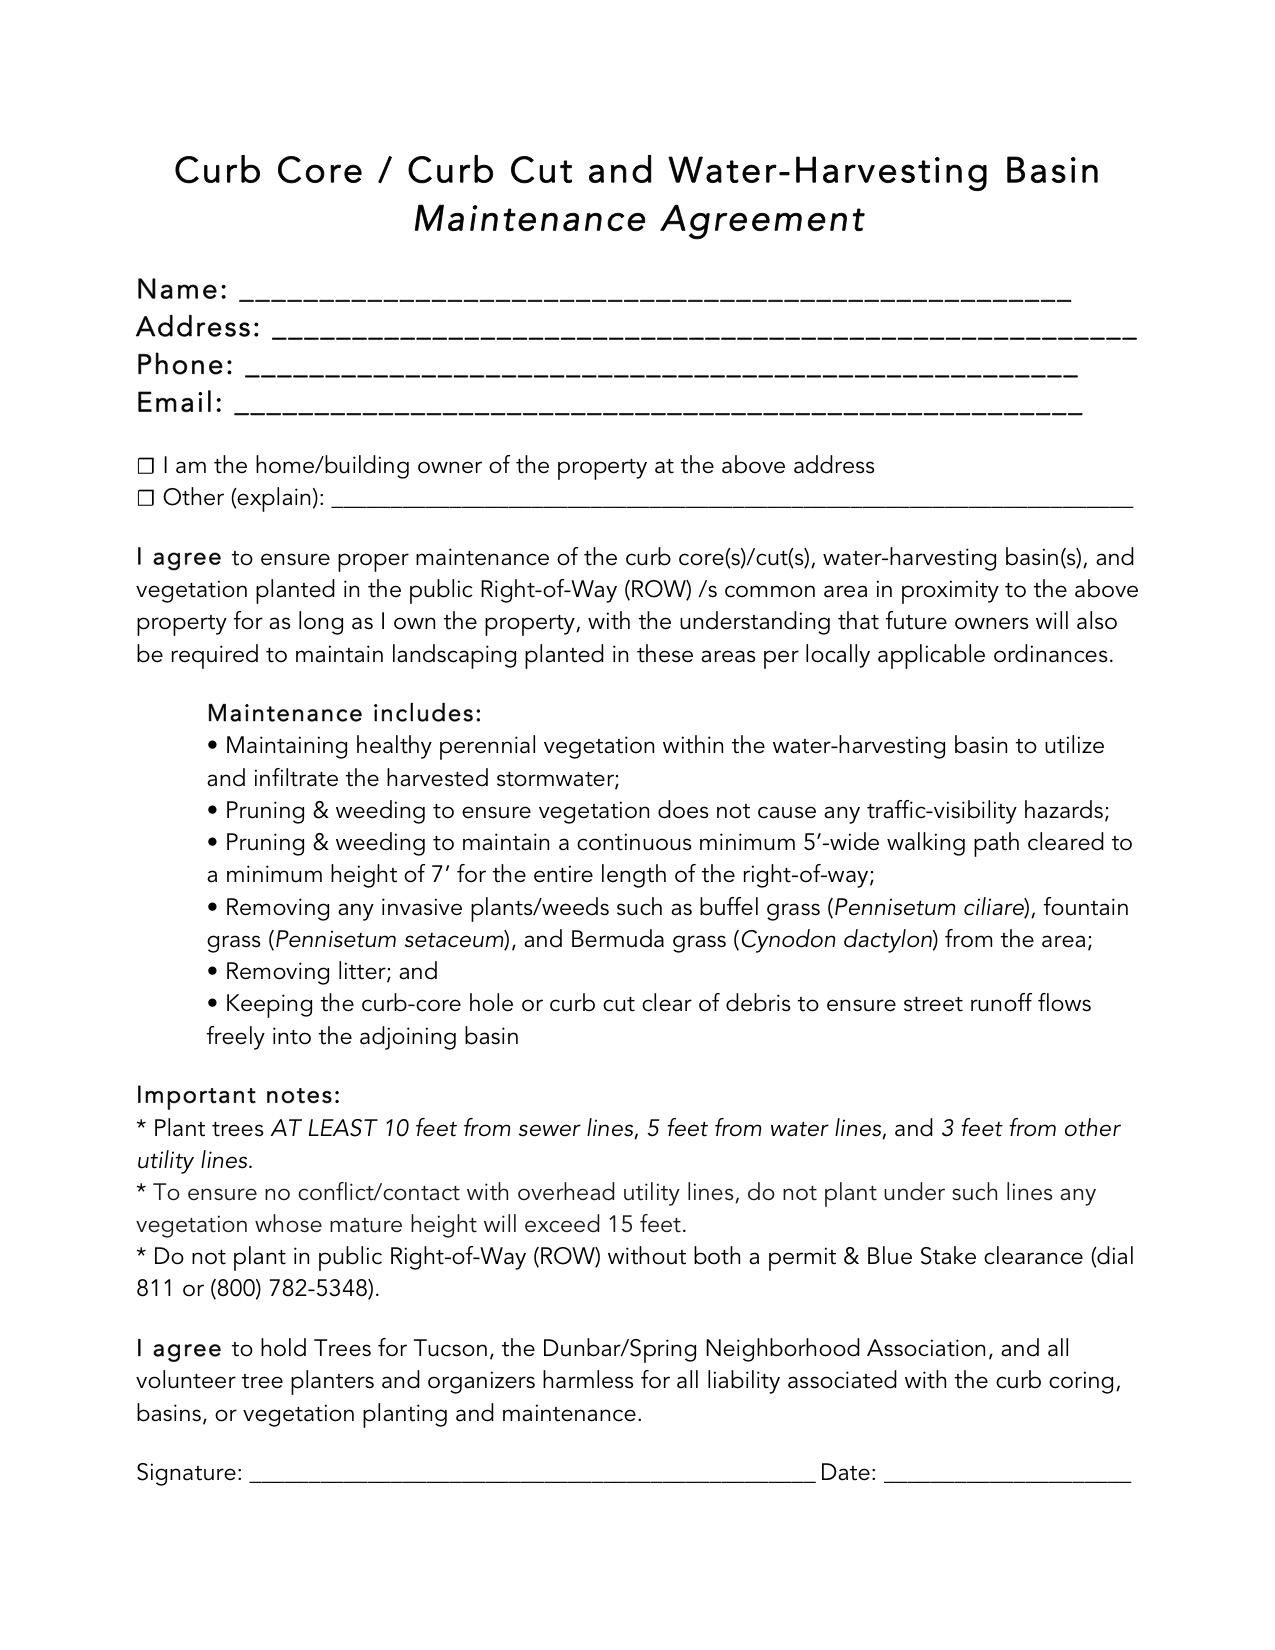 Curb Core / Curb Cut Maintenance Agreement